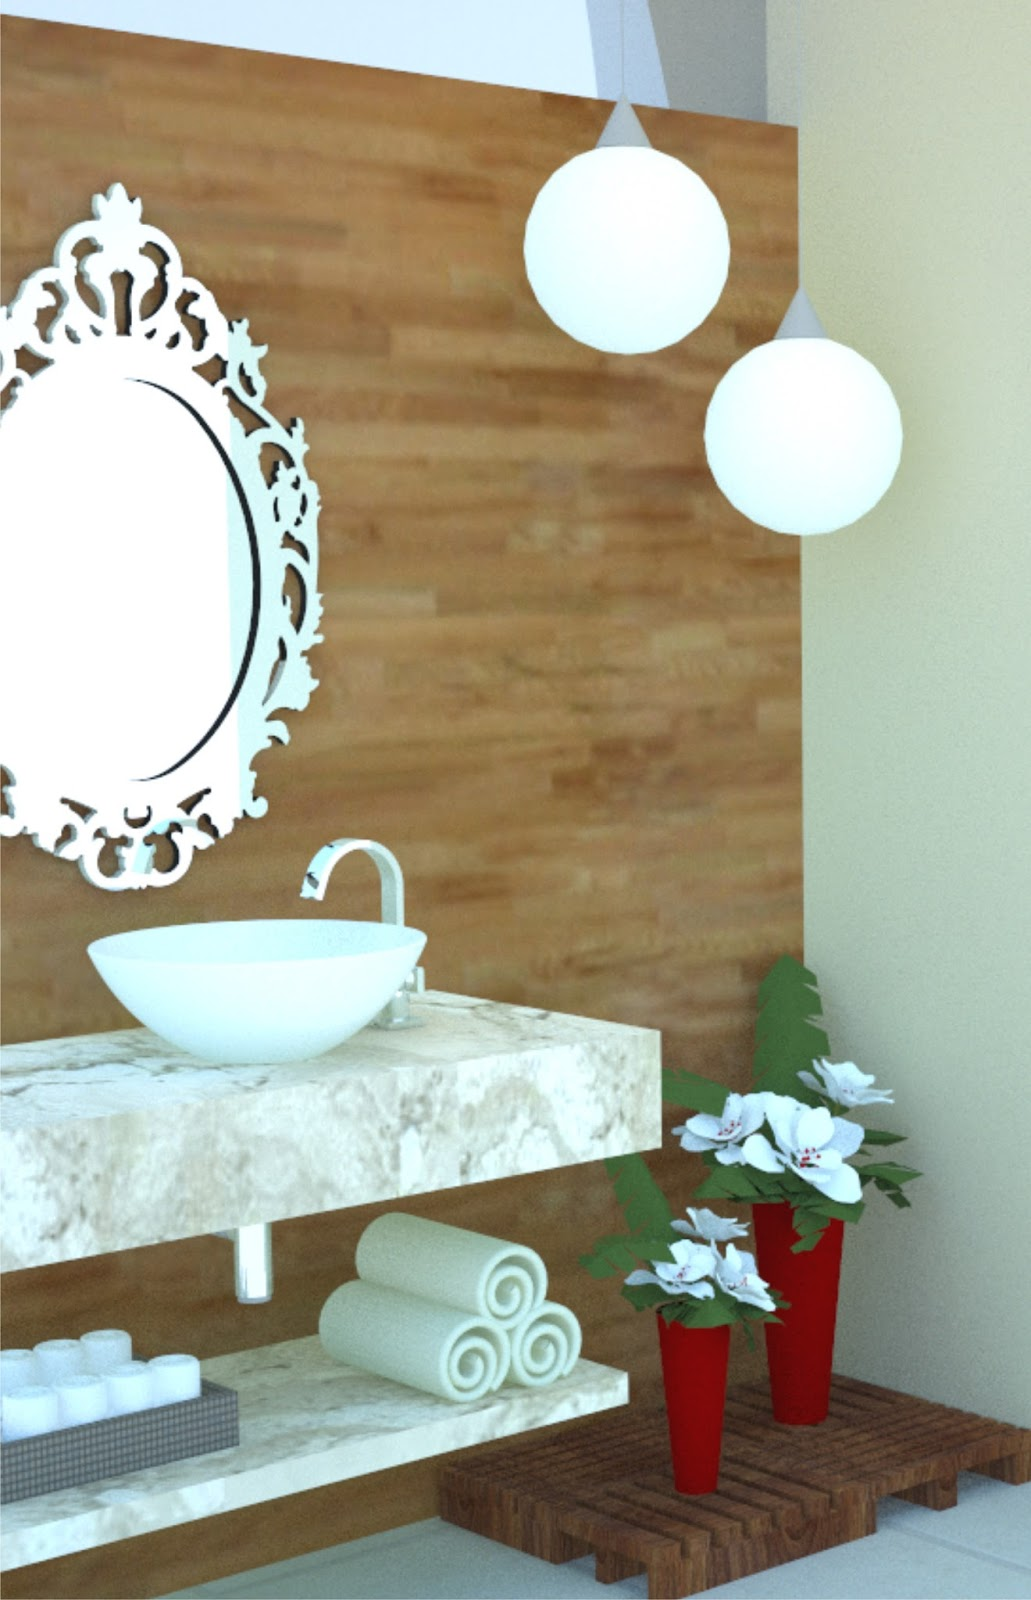 Nat lia garcia reforma lavabo cliente a l e a for Reforma lavabo precio